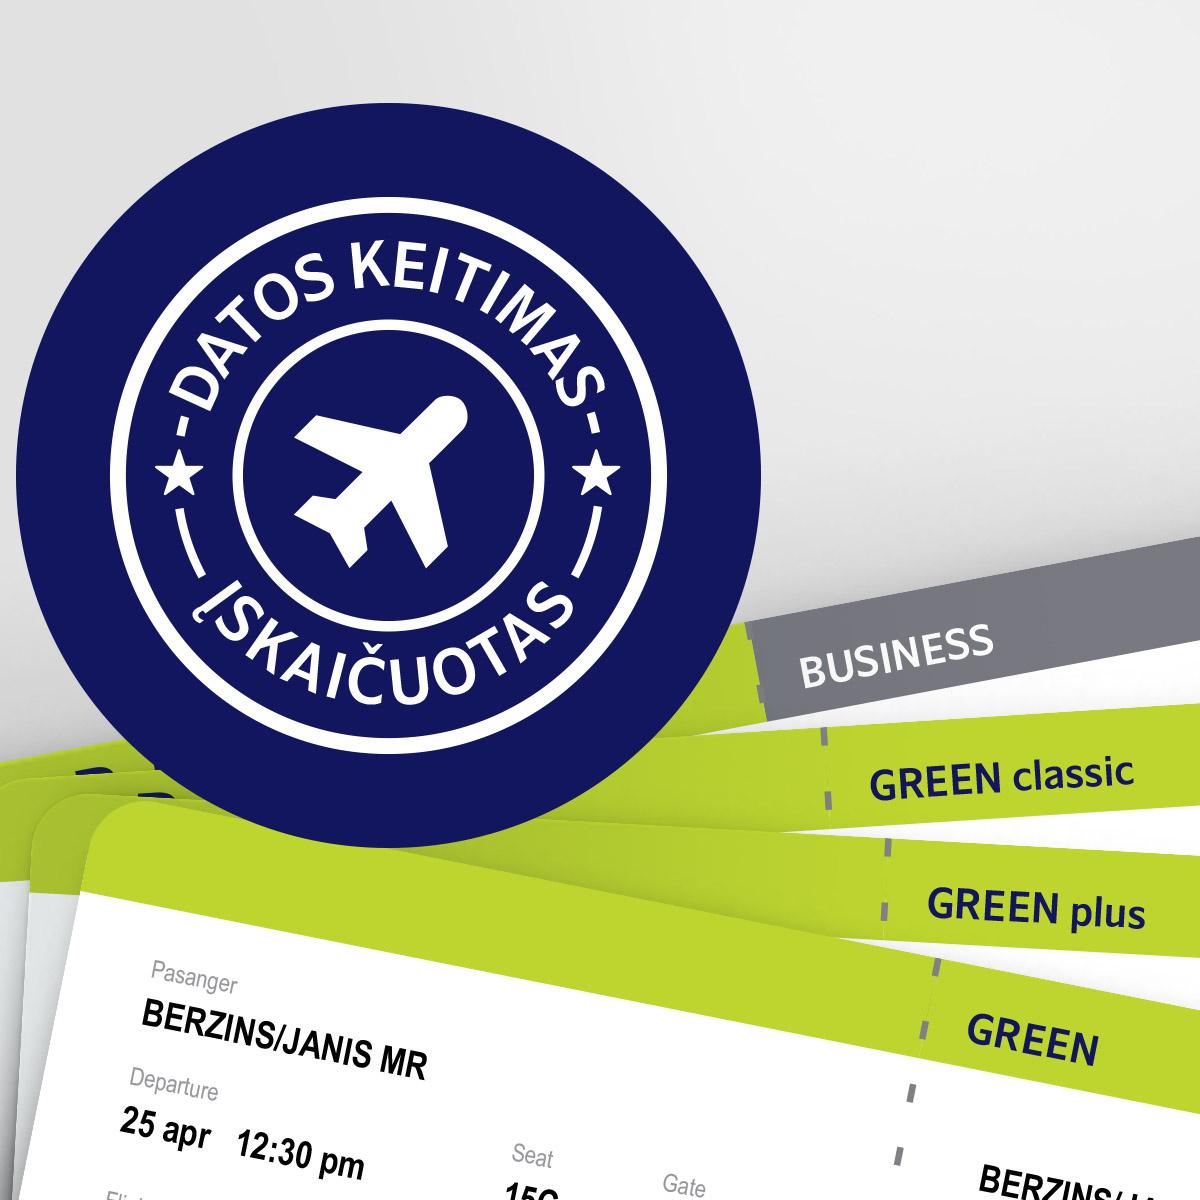 Nauji airBaltic bilietų tipai, naujos pins premijos! image